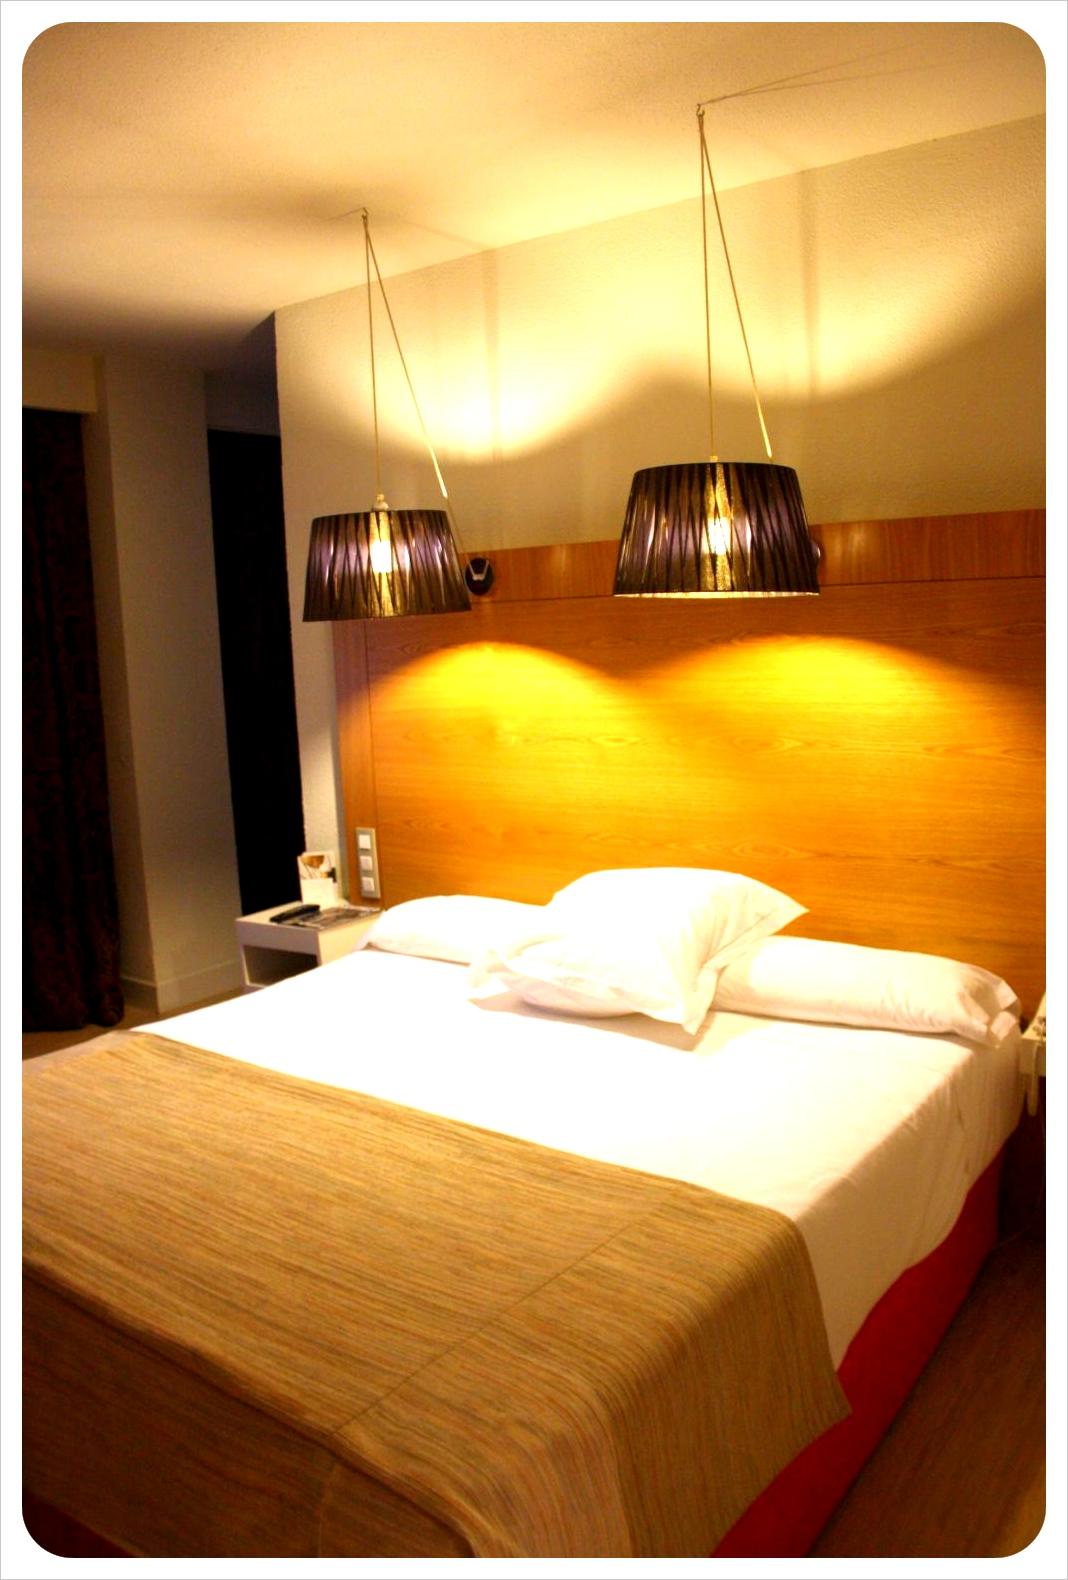 Hotel Hesperia Seville